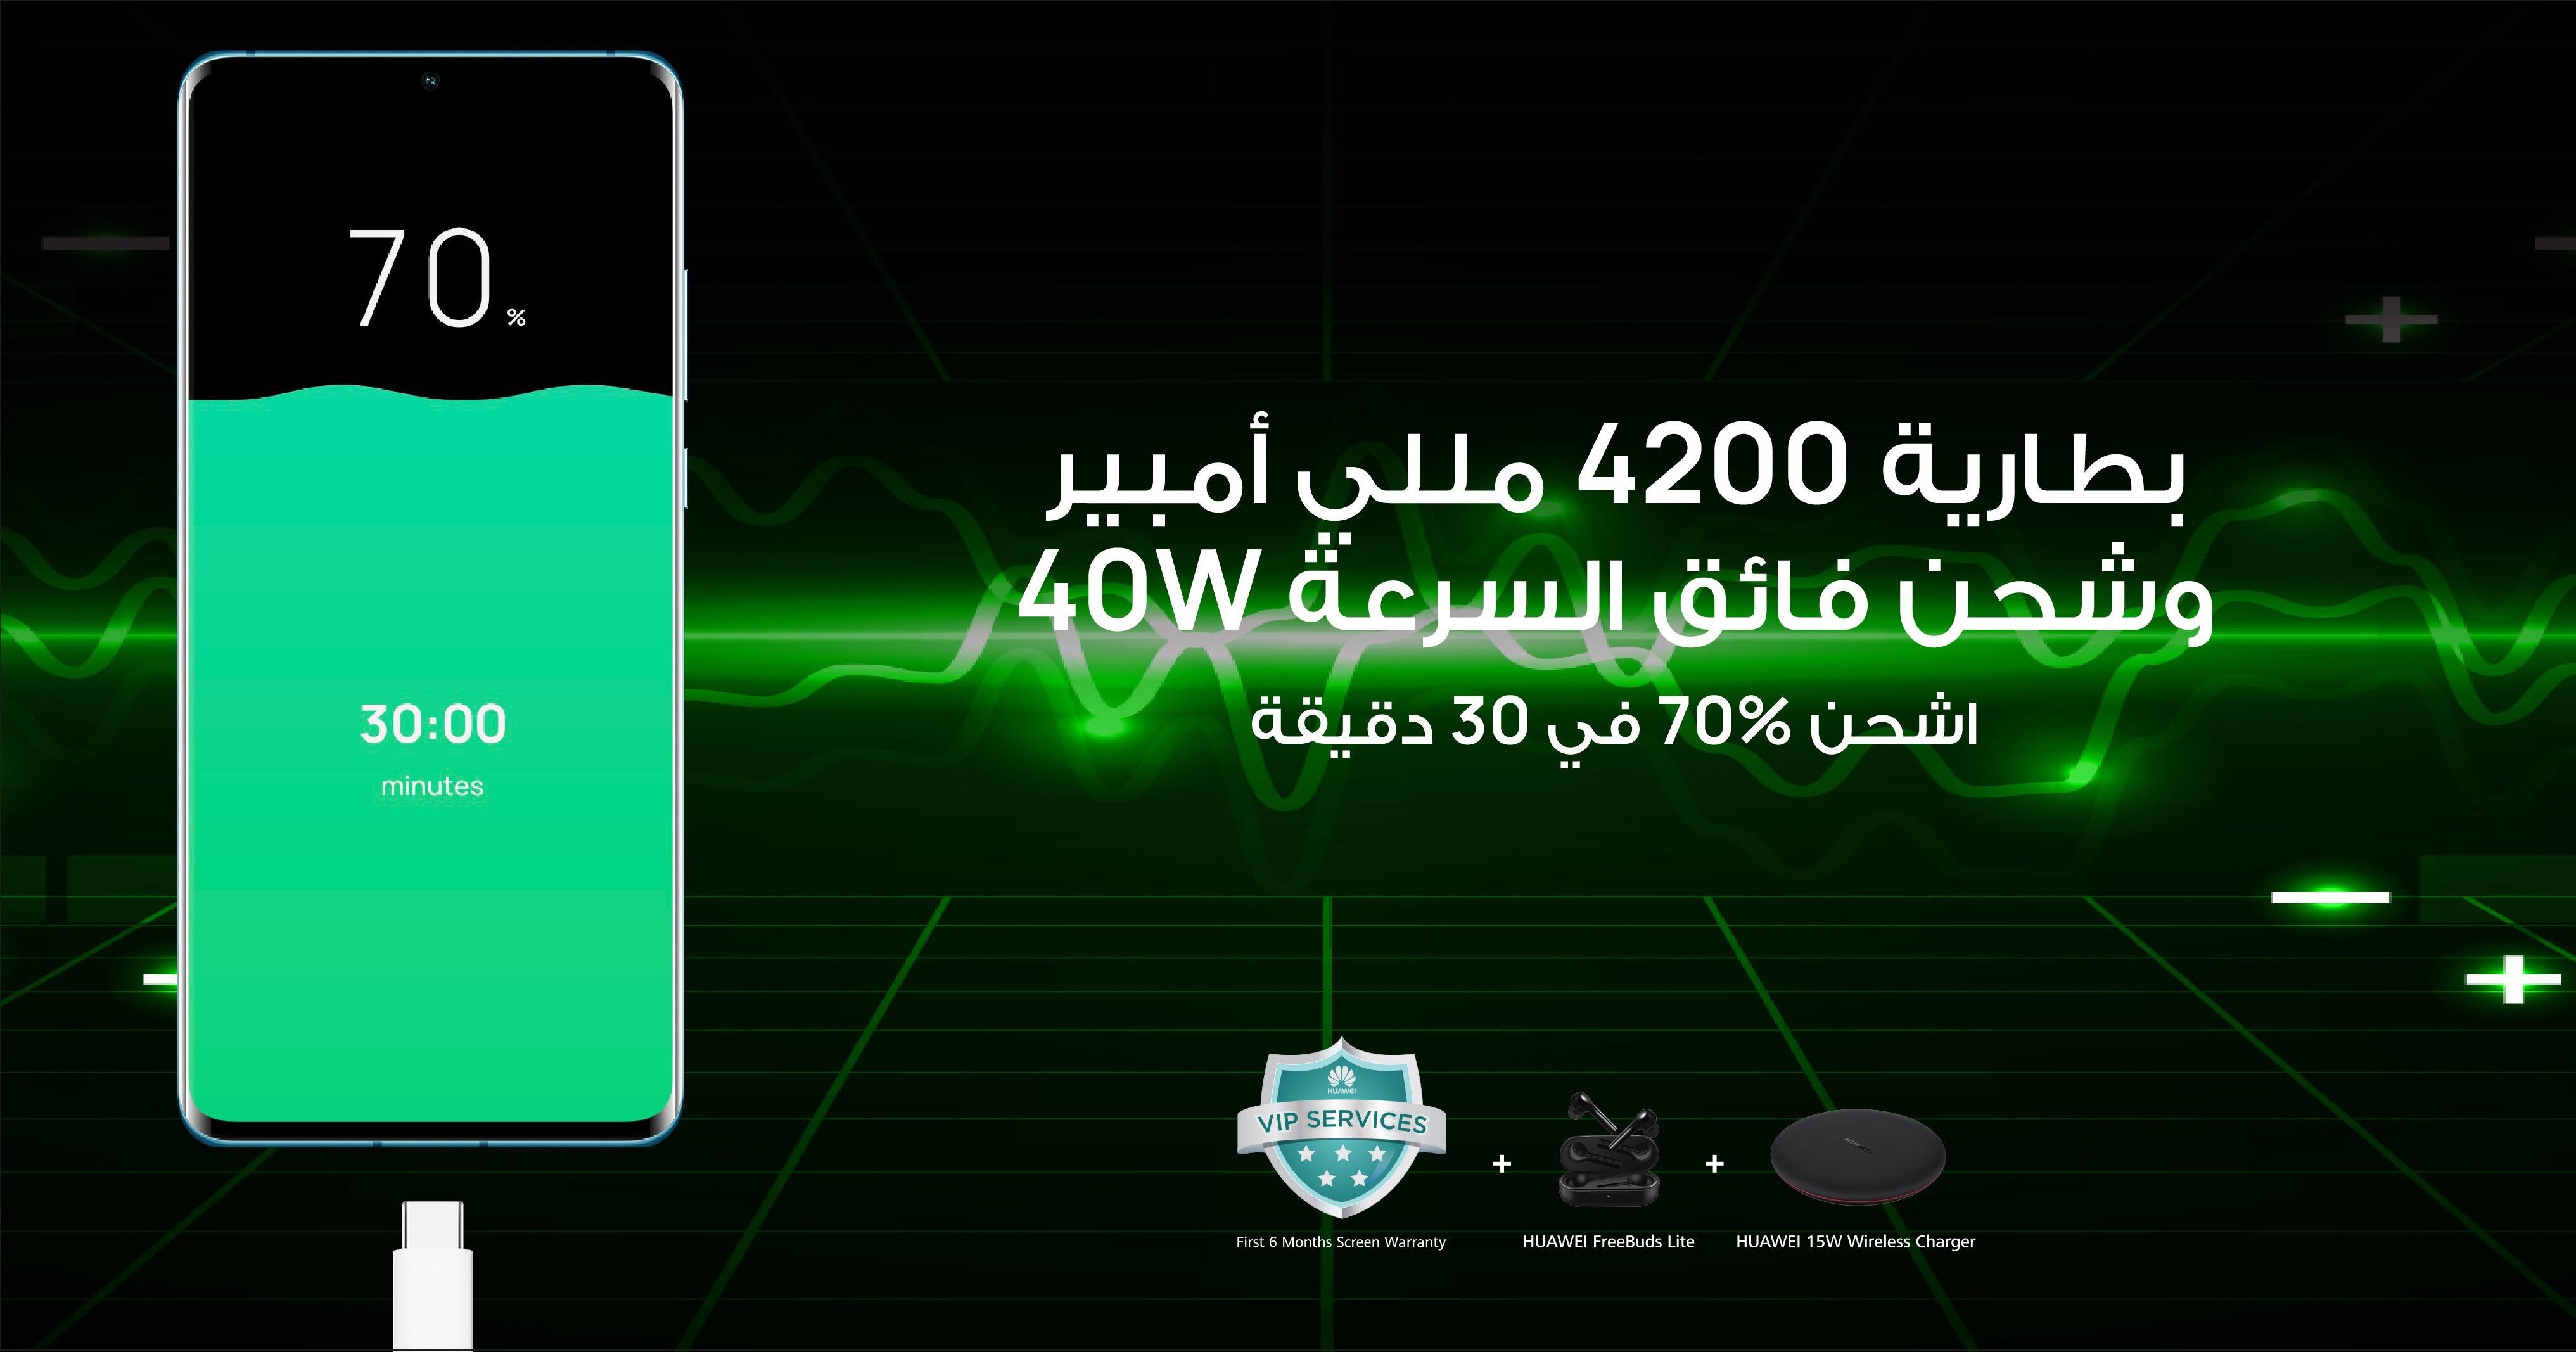 بطارية هائلة وحلول طاقة مطوّرة P30 Pro الجديد من Huawei لكل ما تتمنى!